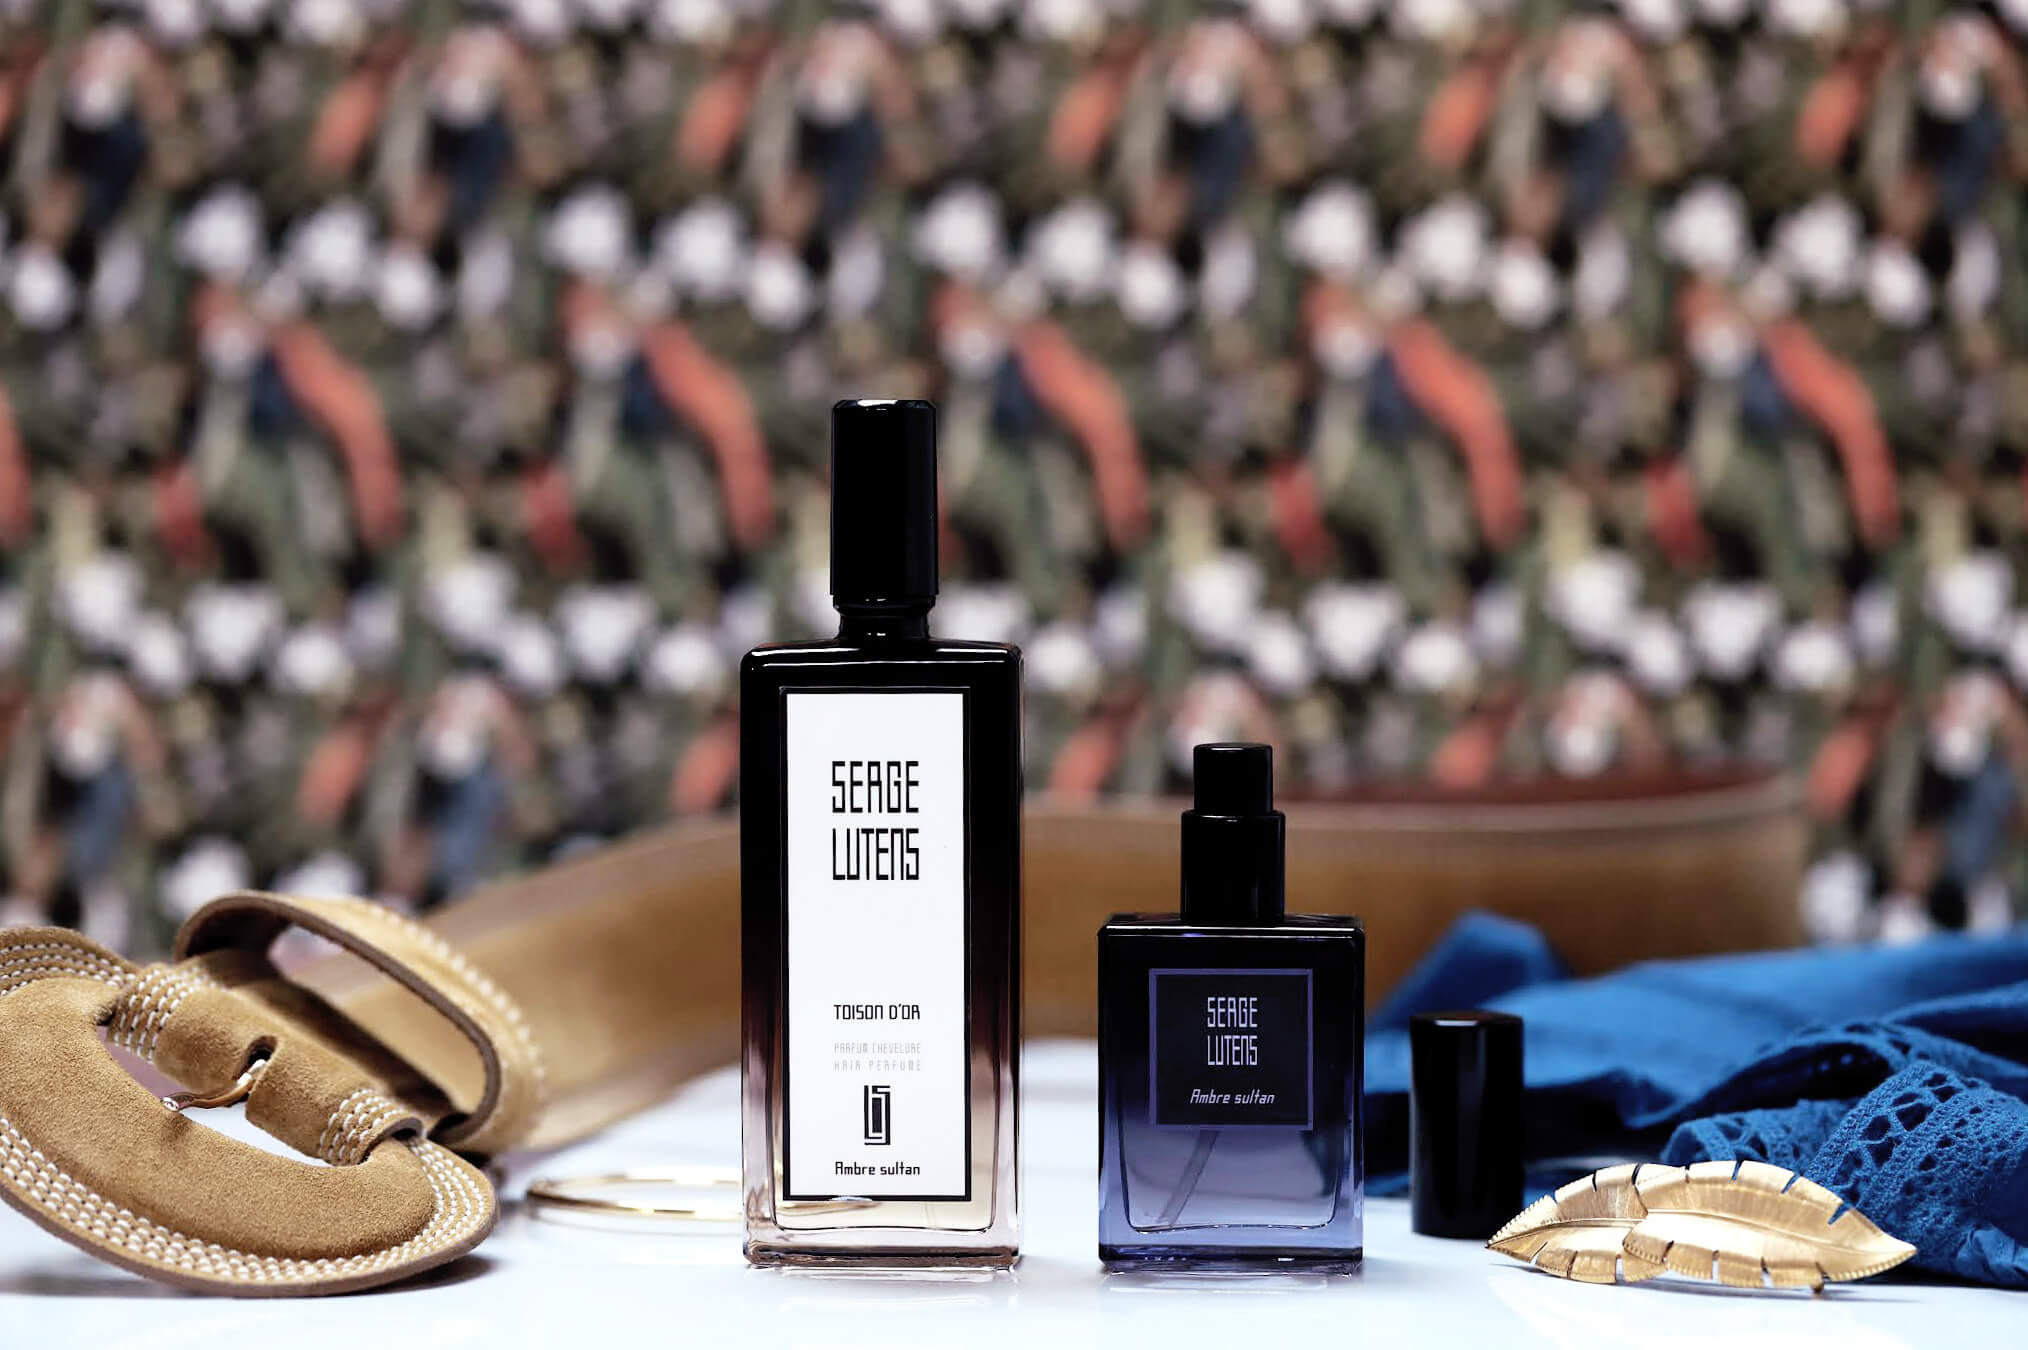 Serge Lutens Confit de Parfum Parfum Chevelure